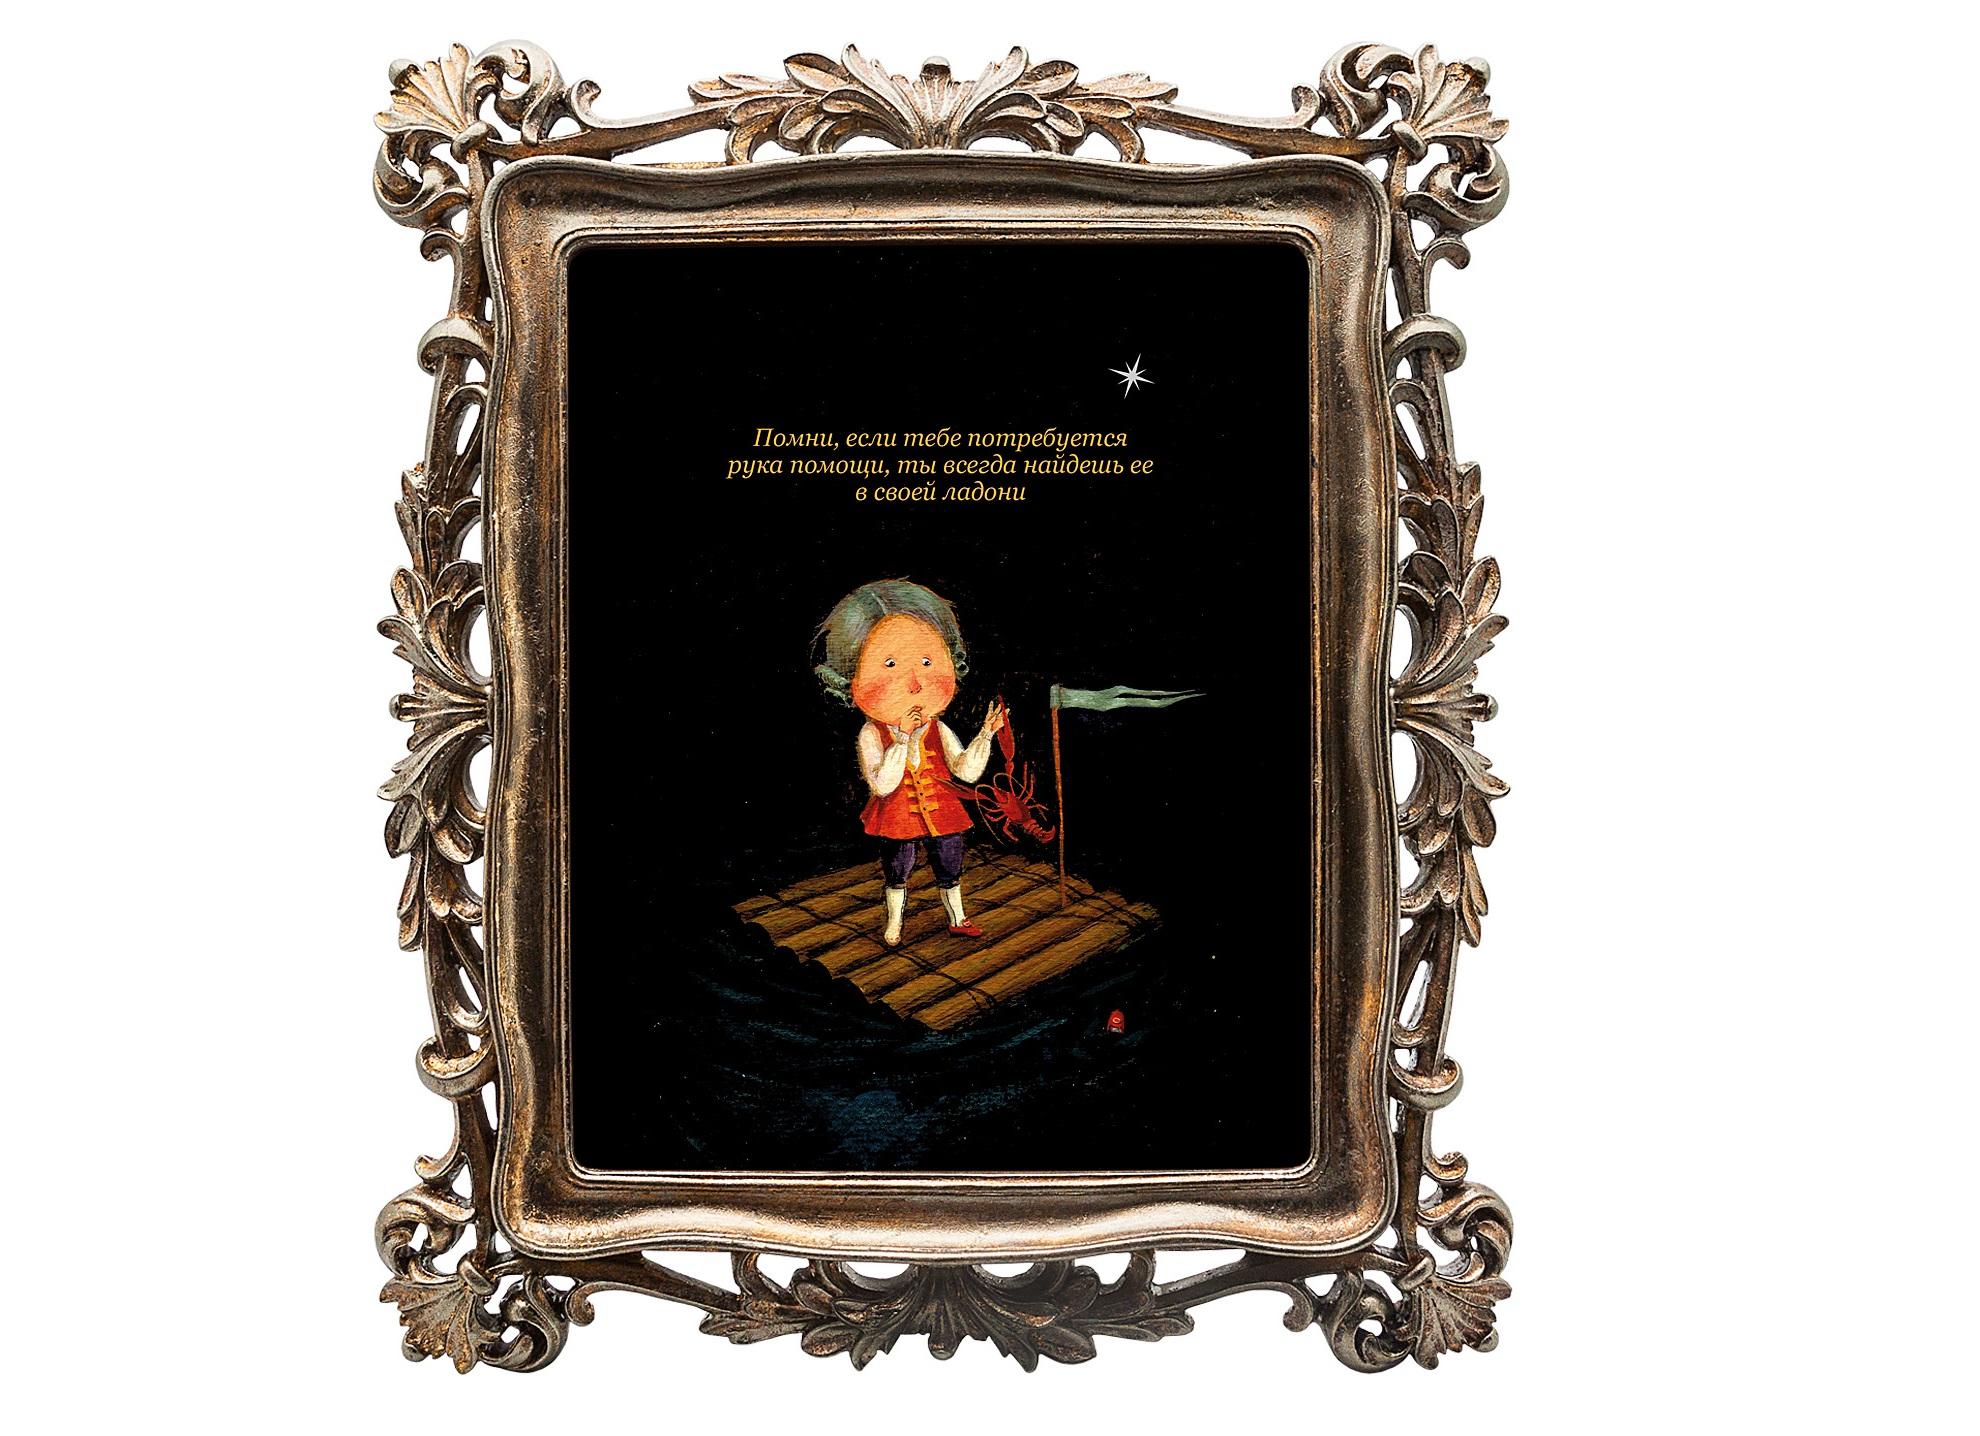 Картина 12 рецептов счастья (Рак)Картины<br>Картина из коллекции «12 рецептов счастья» «Помни, если тебе потребуется рука помощи, ты всегда найдешь ее в своей ладони» олицетворяет собой знак зодиака Рак, преподнося нам уникальное пожелание.  Картину можно повесить на стену, либо поставить, например, на стол или камин. Защитный стеклянный слой  гарантирует долгую жизнь прекрасному изображению. Рама изготовлена из полистоуна. Искусная техника состаривания придает раме особую теплоту и винтажность.&amp;lt;div&amp;gt;&amp;lt;br&amp;gt;&amp;lt;/div&amp;gt;&amp;lt;div&amp;gt;Материал: полистоун, стекло, дизайнерская бумага.&amp;lt;br&amp;gt;&amp;lt;/div&amp;gt;<br><br>Material: Полистоун<br>Ширина см: 29.7<br>Высота см: 34.7<br>Глубина см: 2.2